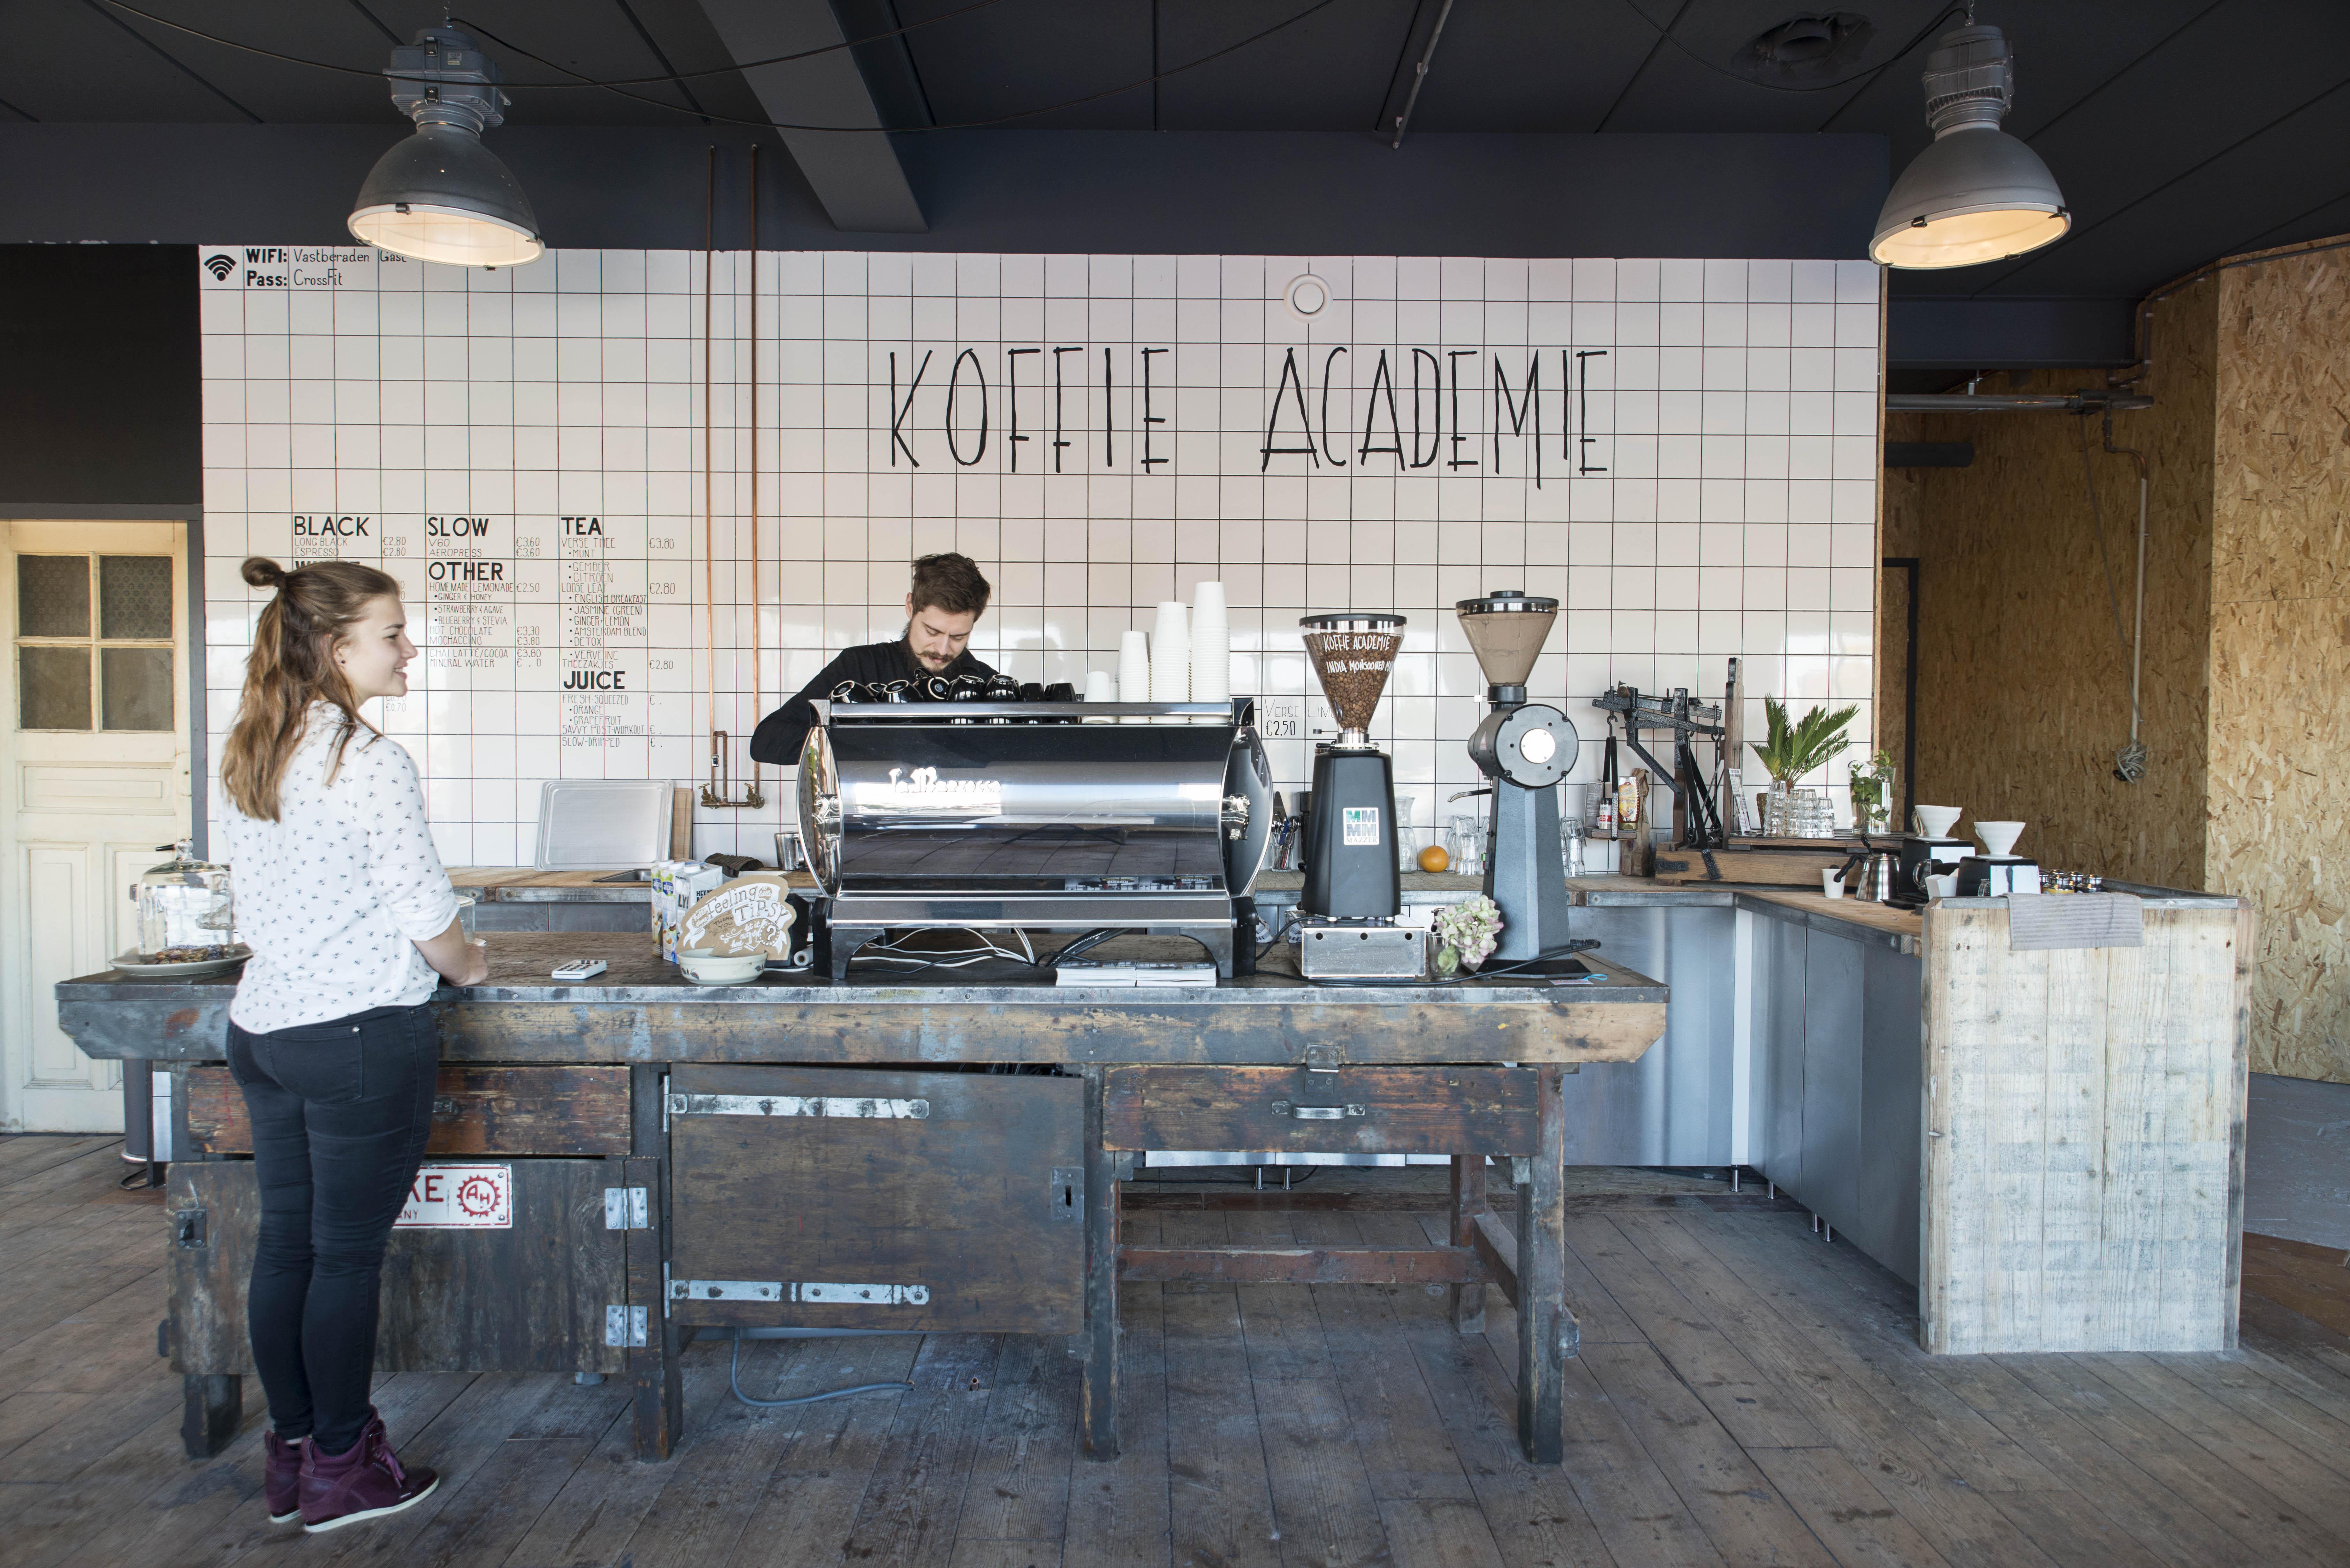 Koffie Academie